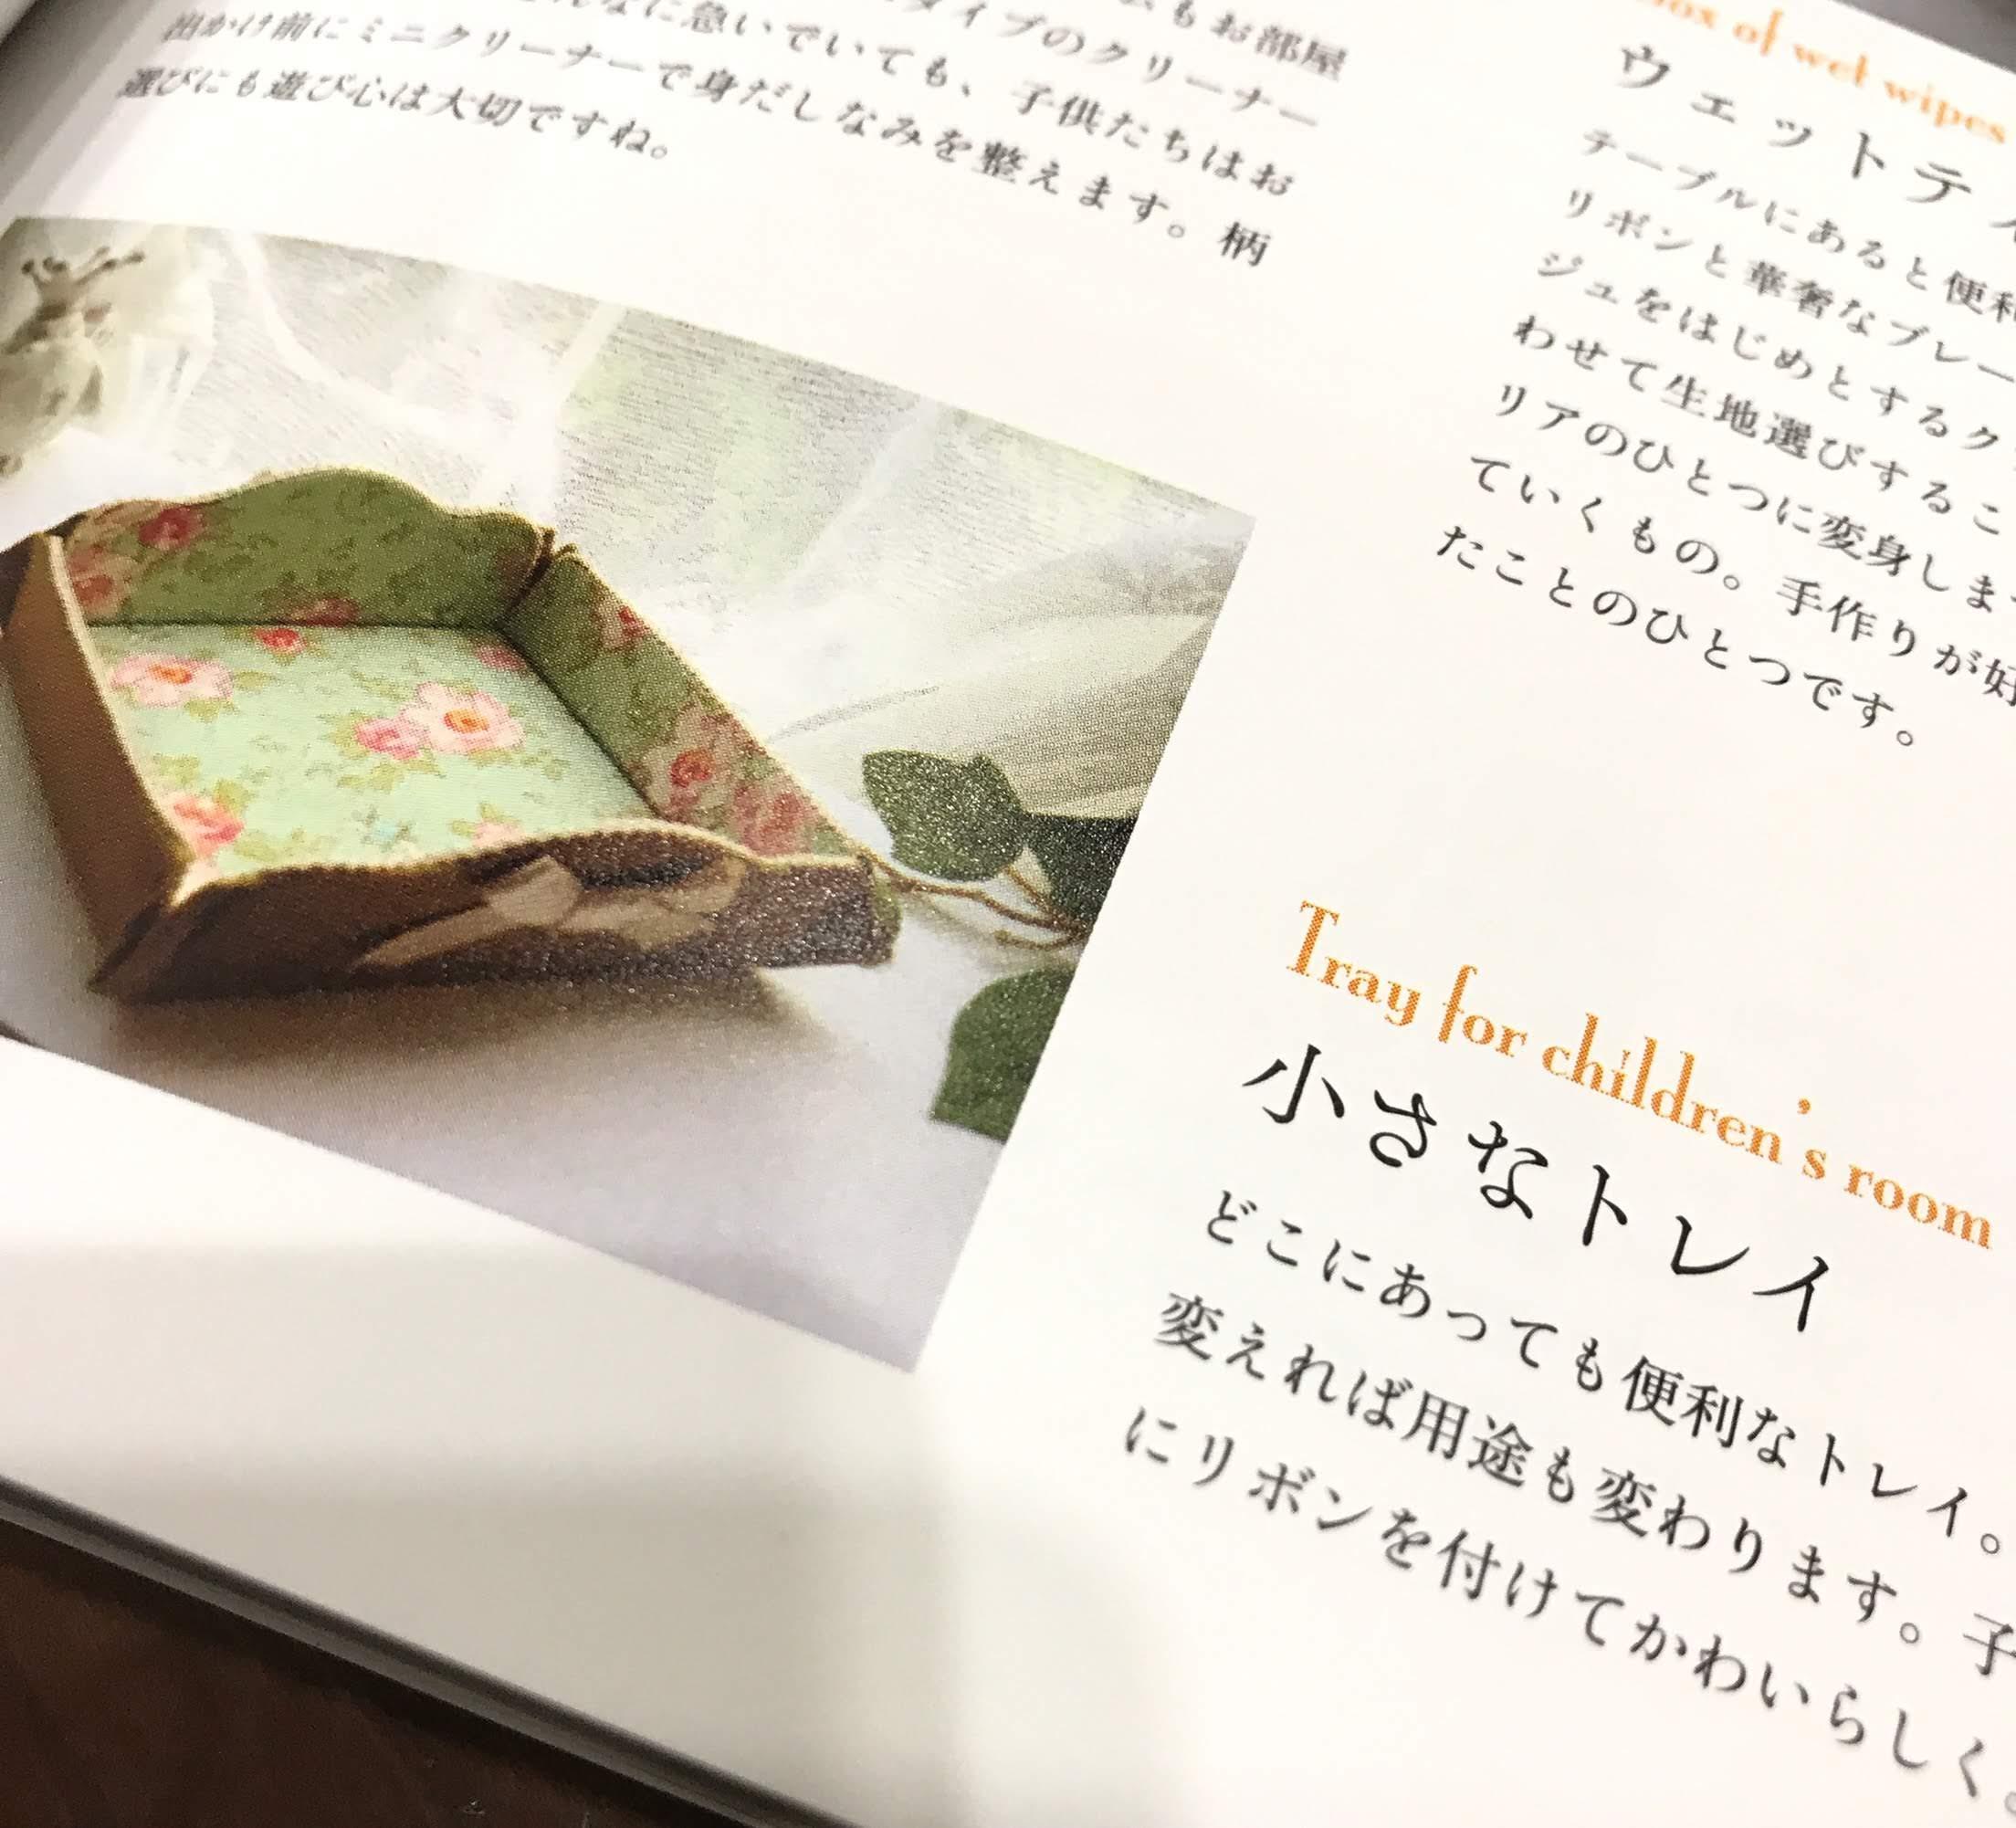 トレー本IMG_2036